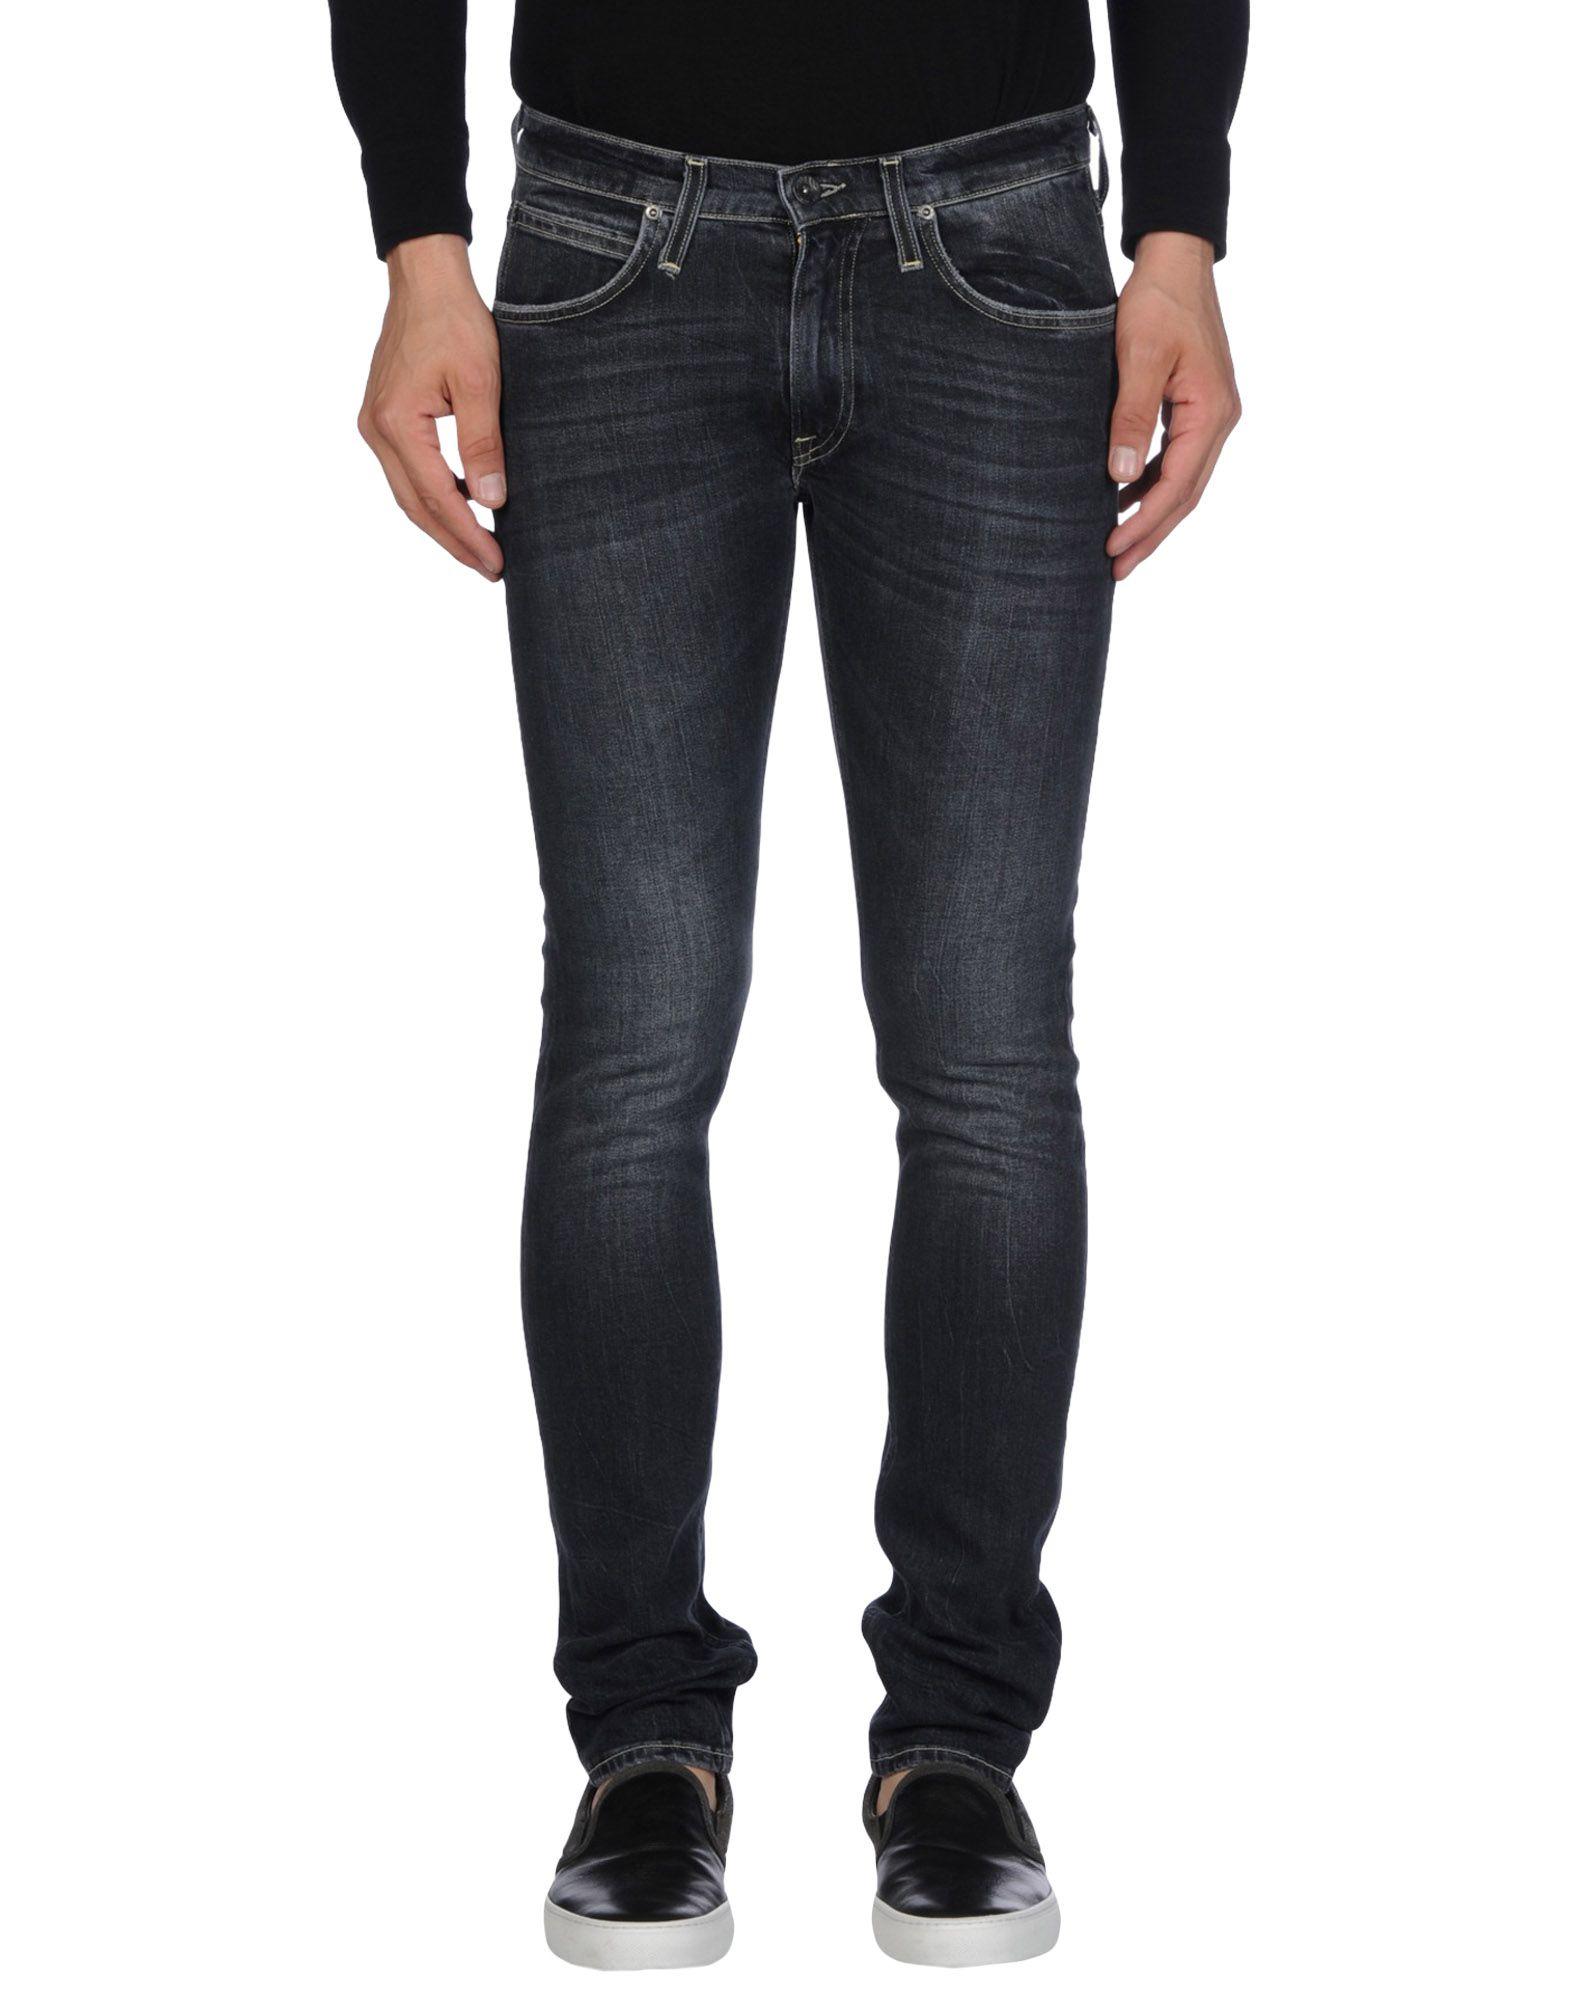 lee black jeans for men - photo #4